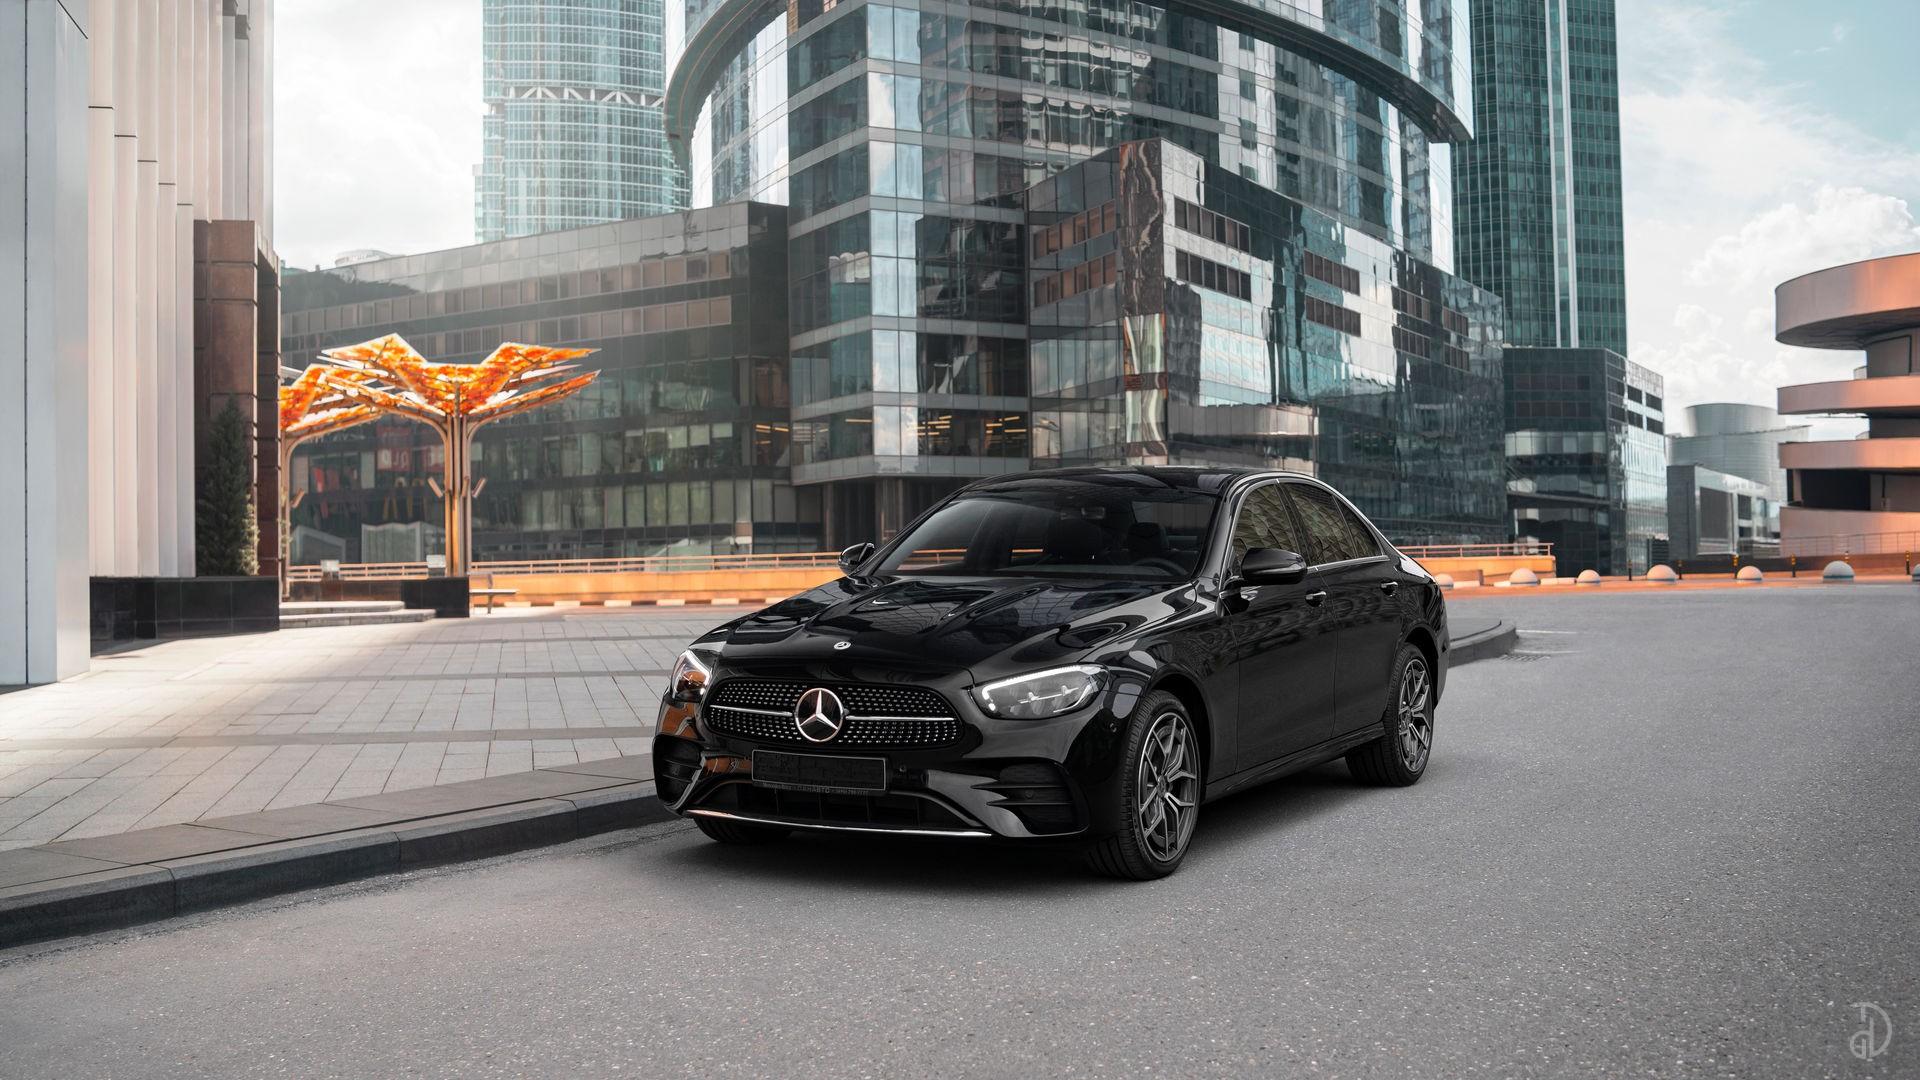 Аренда Mercedes E220d AMG Restyling 2020 в Москве. Фото 1